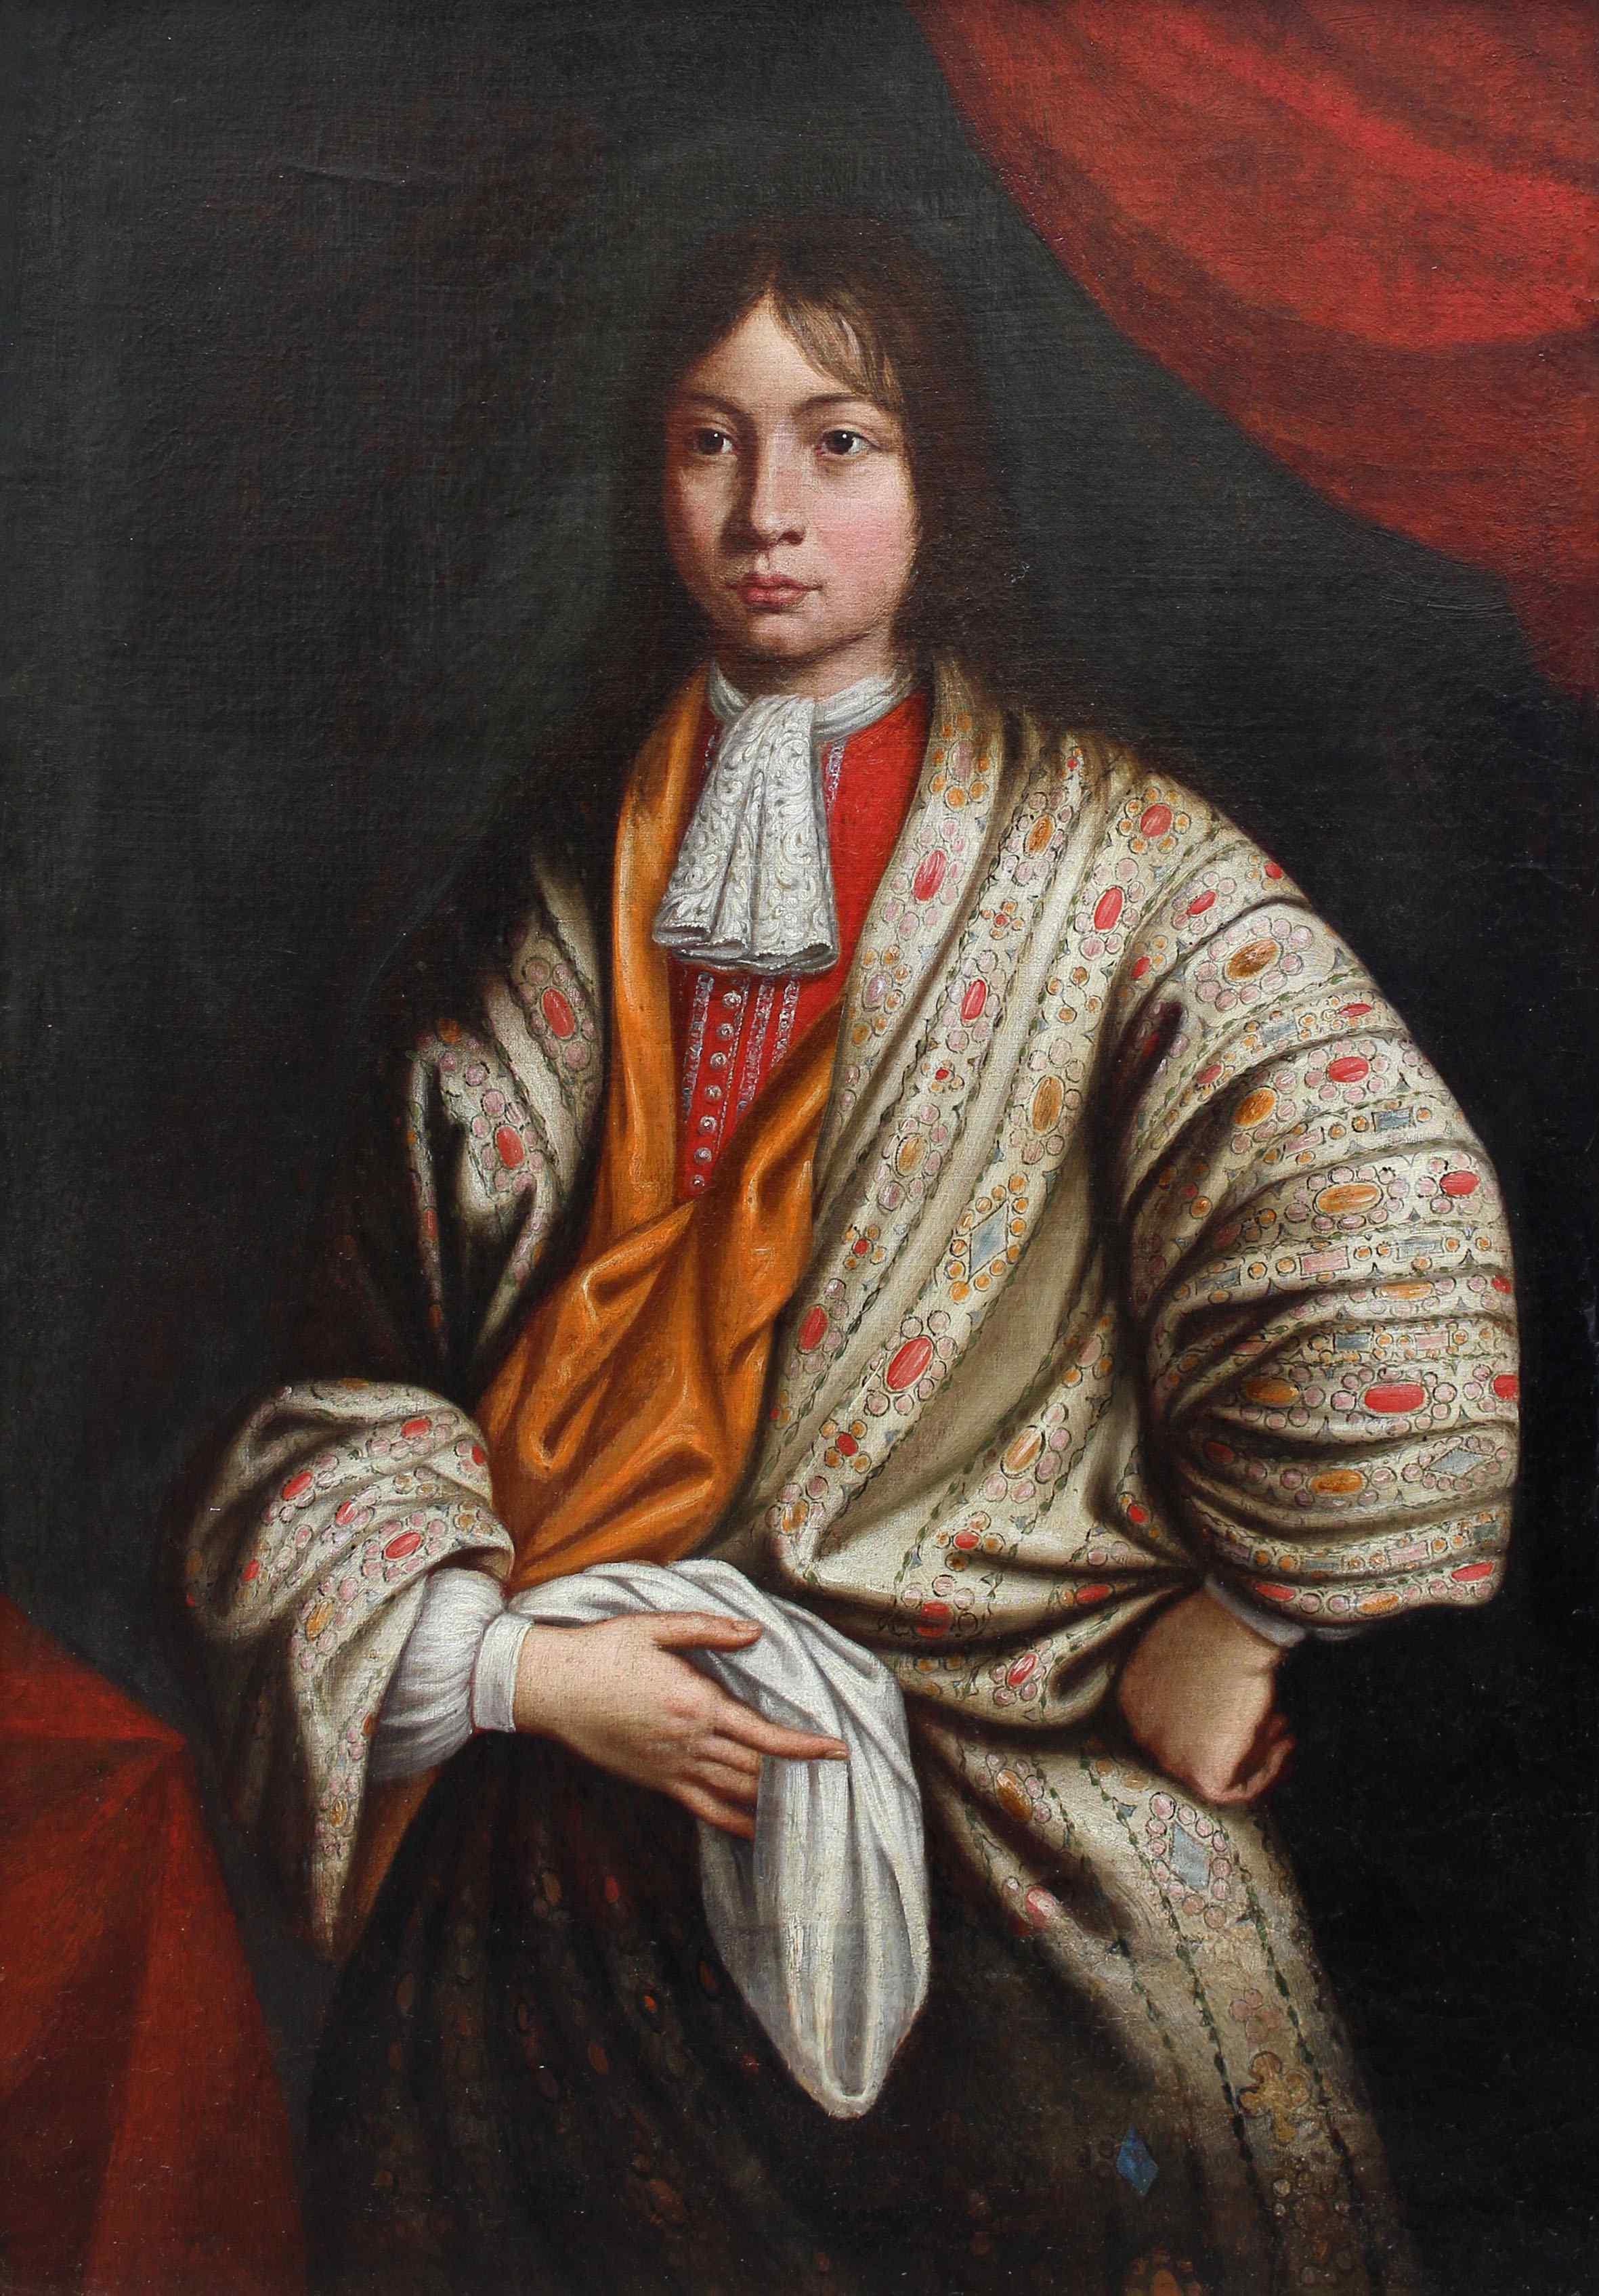 Sebastiano Bombelli, Ritratto di giovane in veste da camera